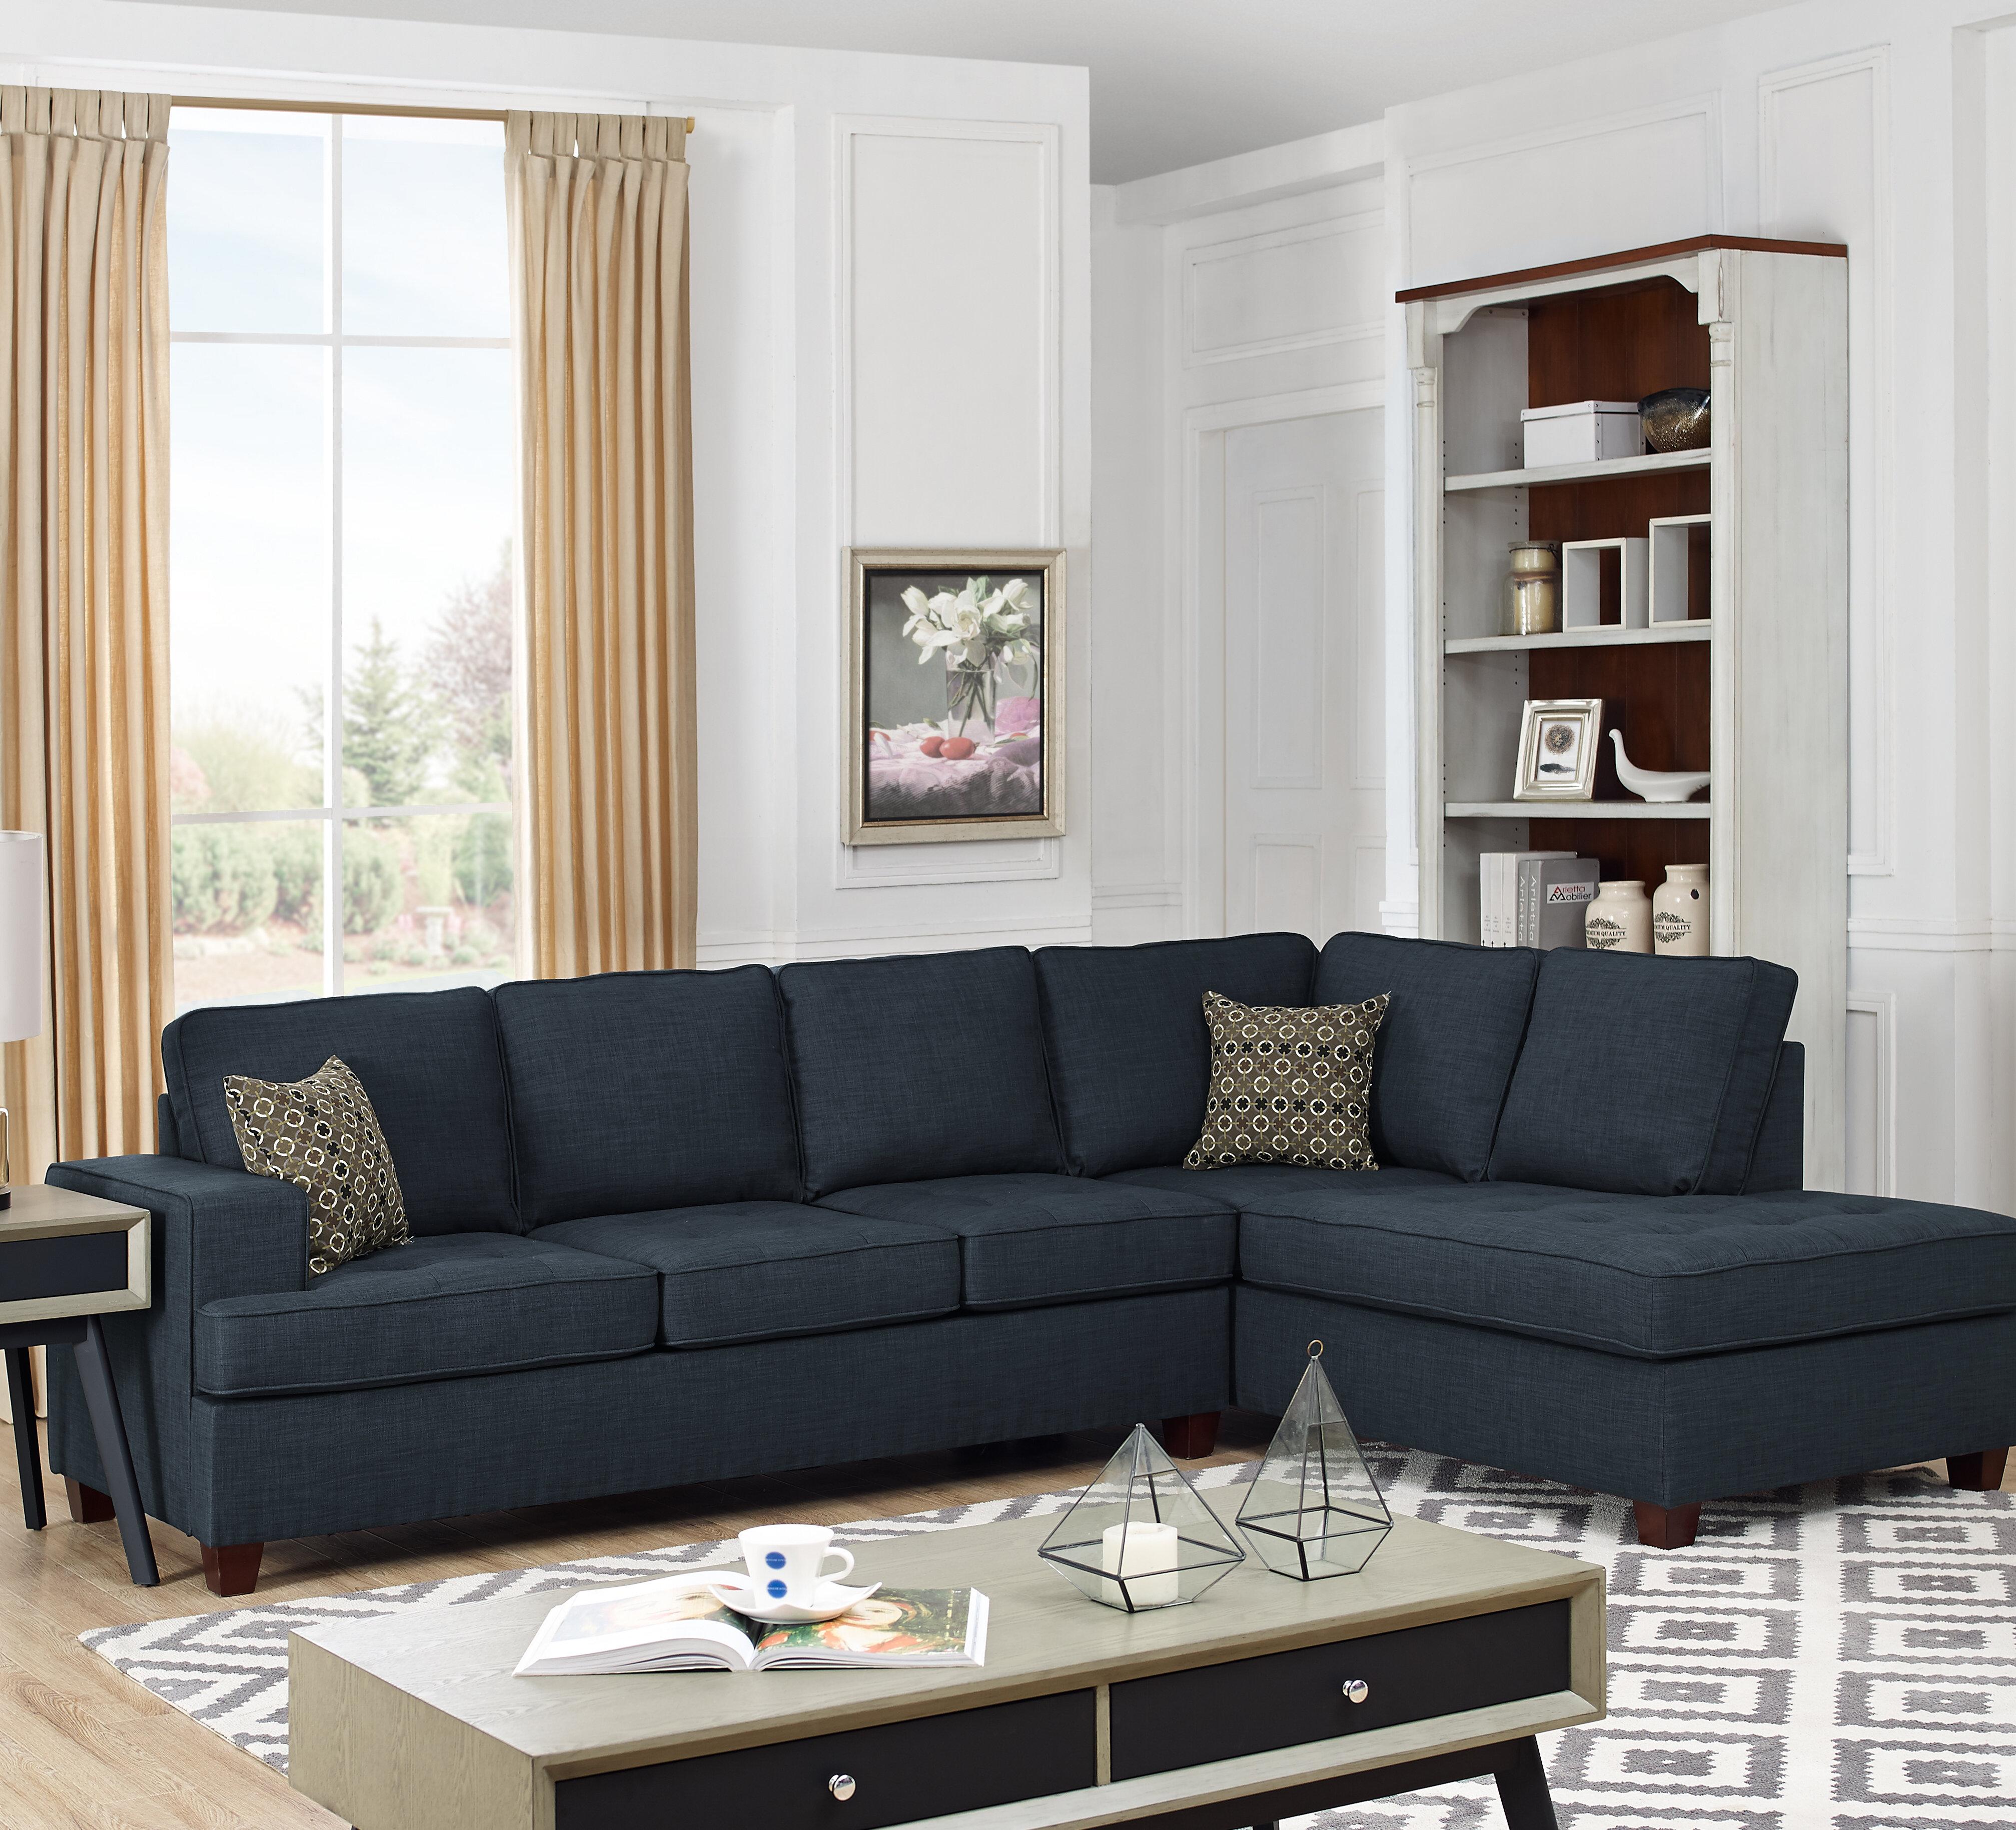 Remarkable Red Barrel Studio Samaira Sleeper Sectional Reviews Wayfair Machost Co Dining Chair Design Ideas Machostcouk